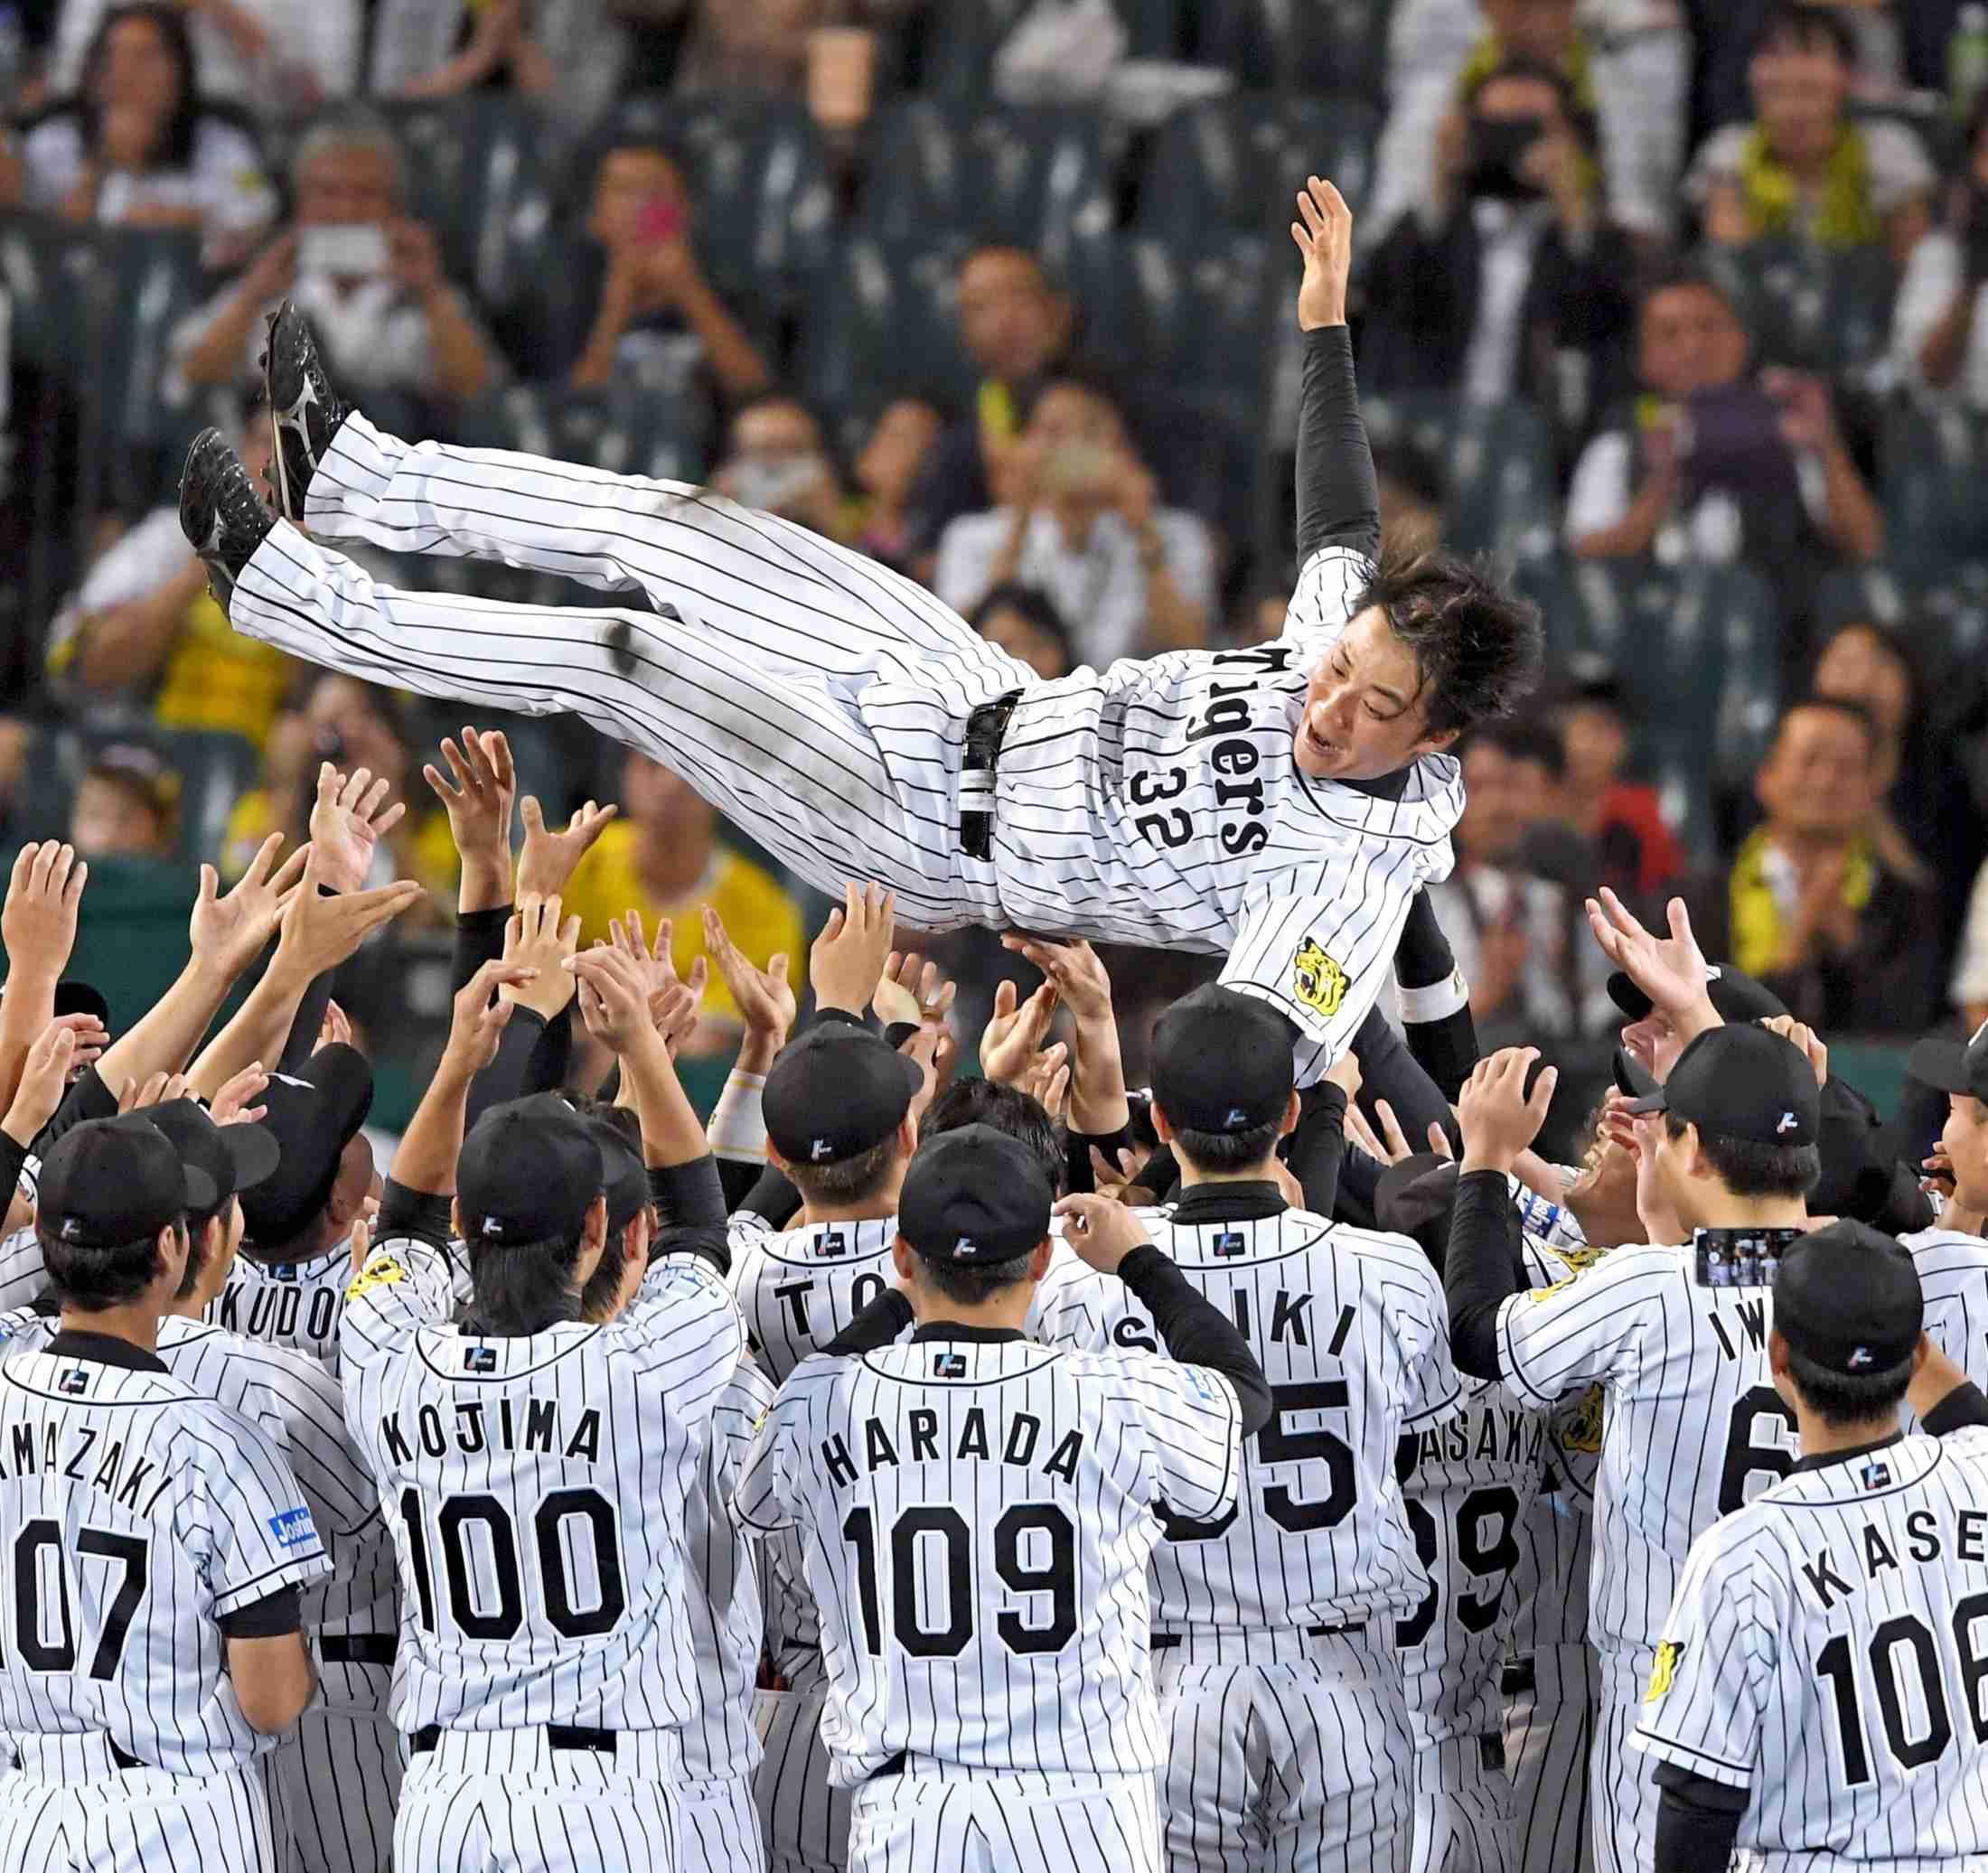 阪神・新井良引退で兄弟選手は4組に…広島・田中の弟のドラフト指名は… (デイリースポーツ) - Yahoo!ニュース